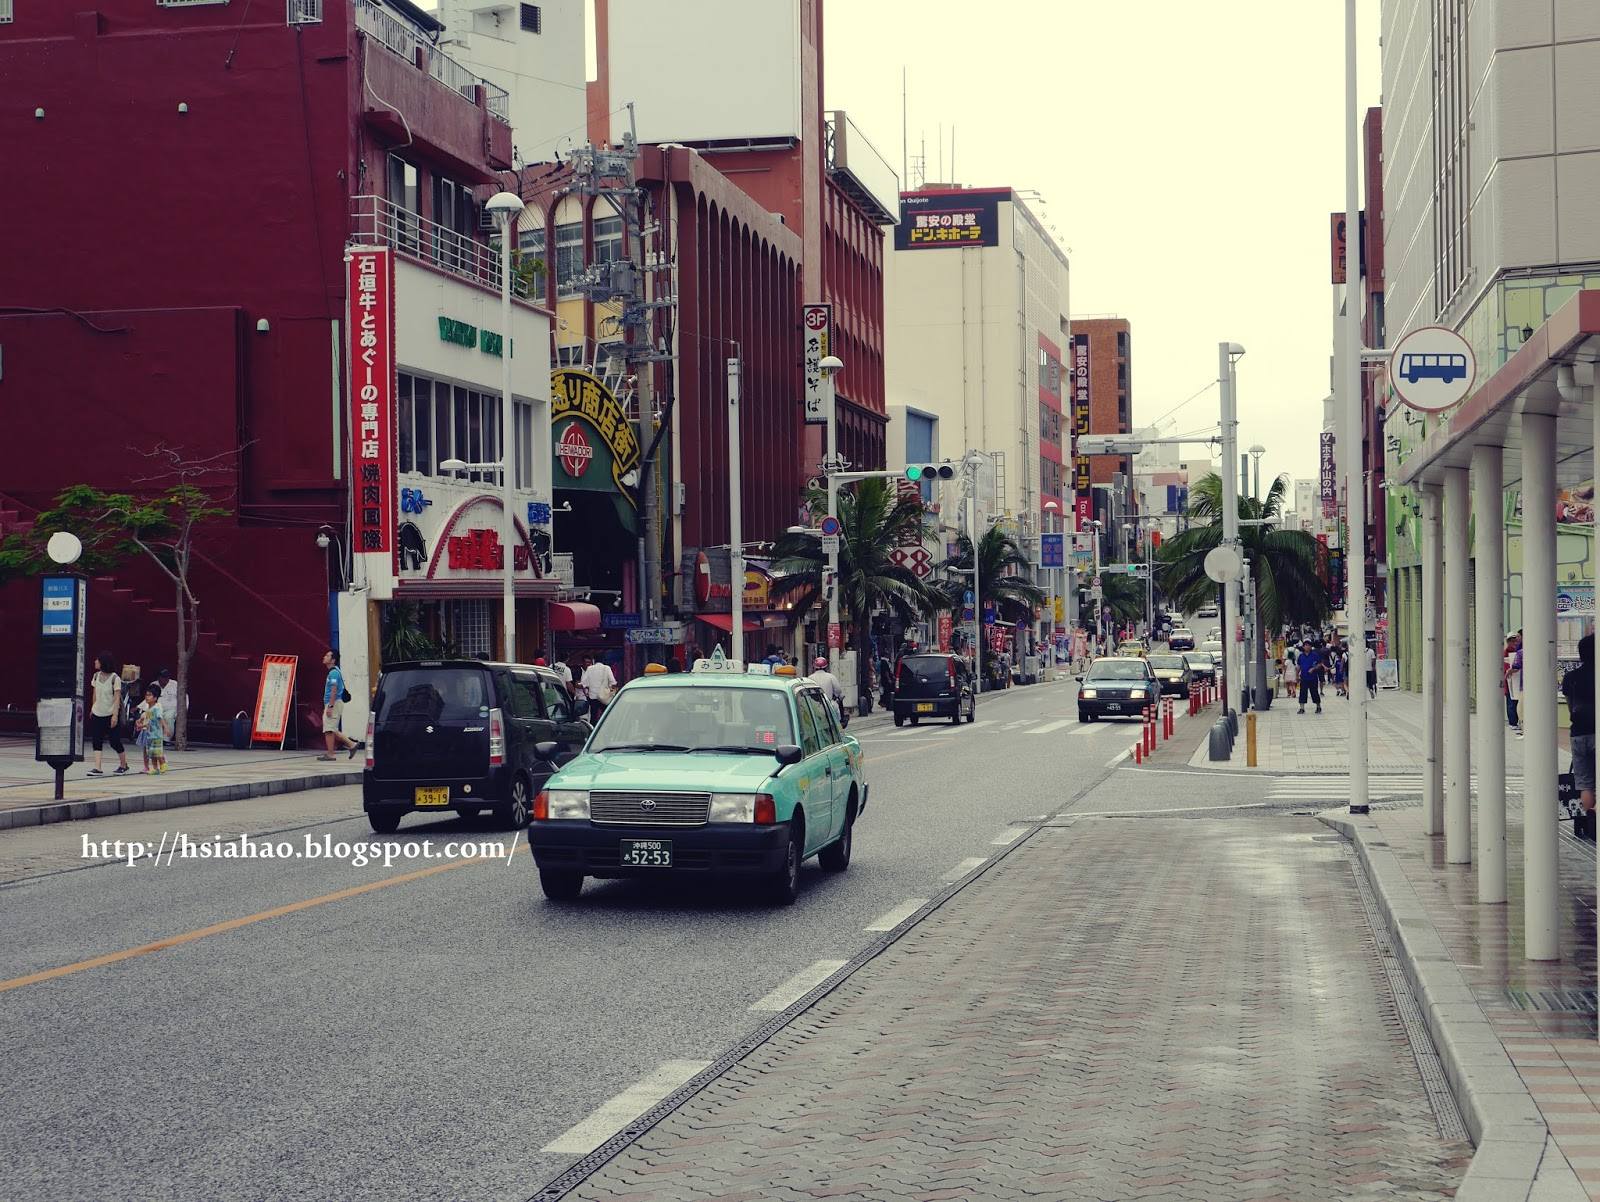 沖繩-國際通-國際通購物-國際通逛街-國際通景點-自由行-Okinawa-kokusaidori